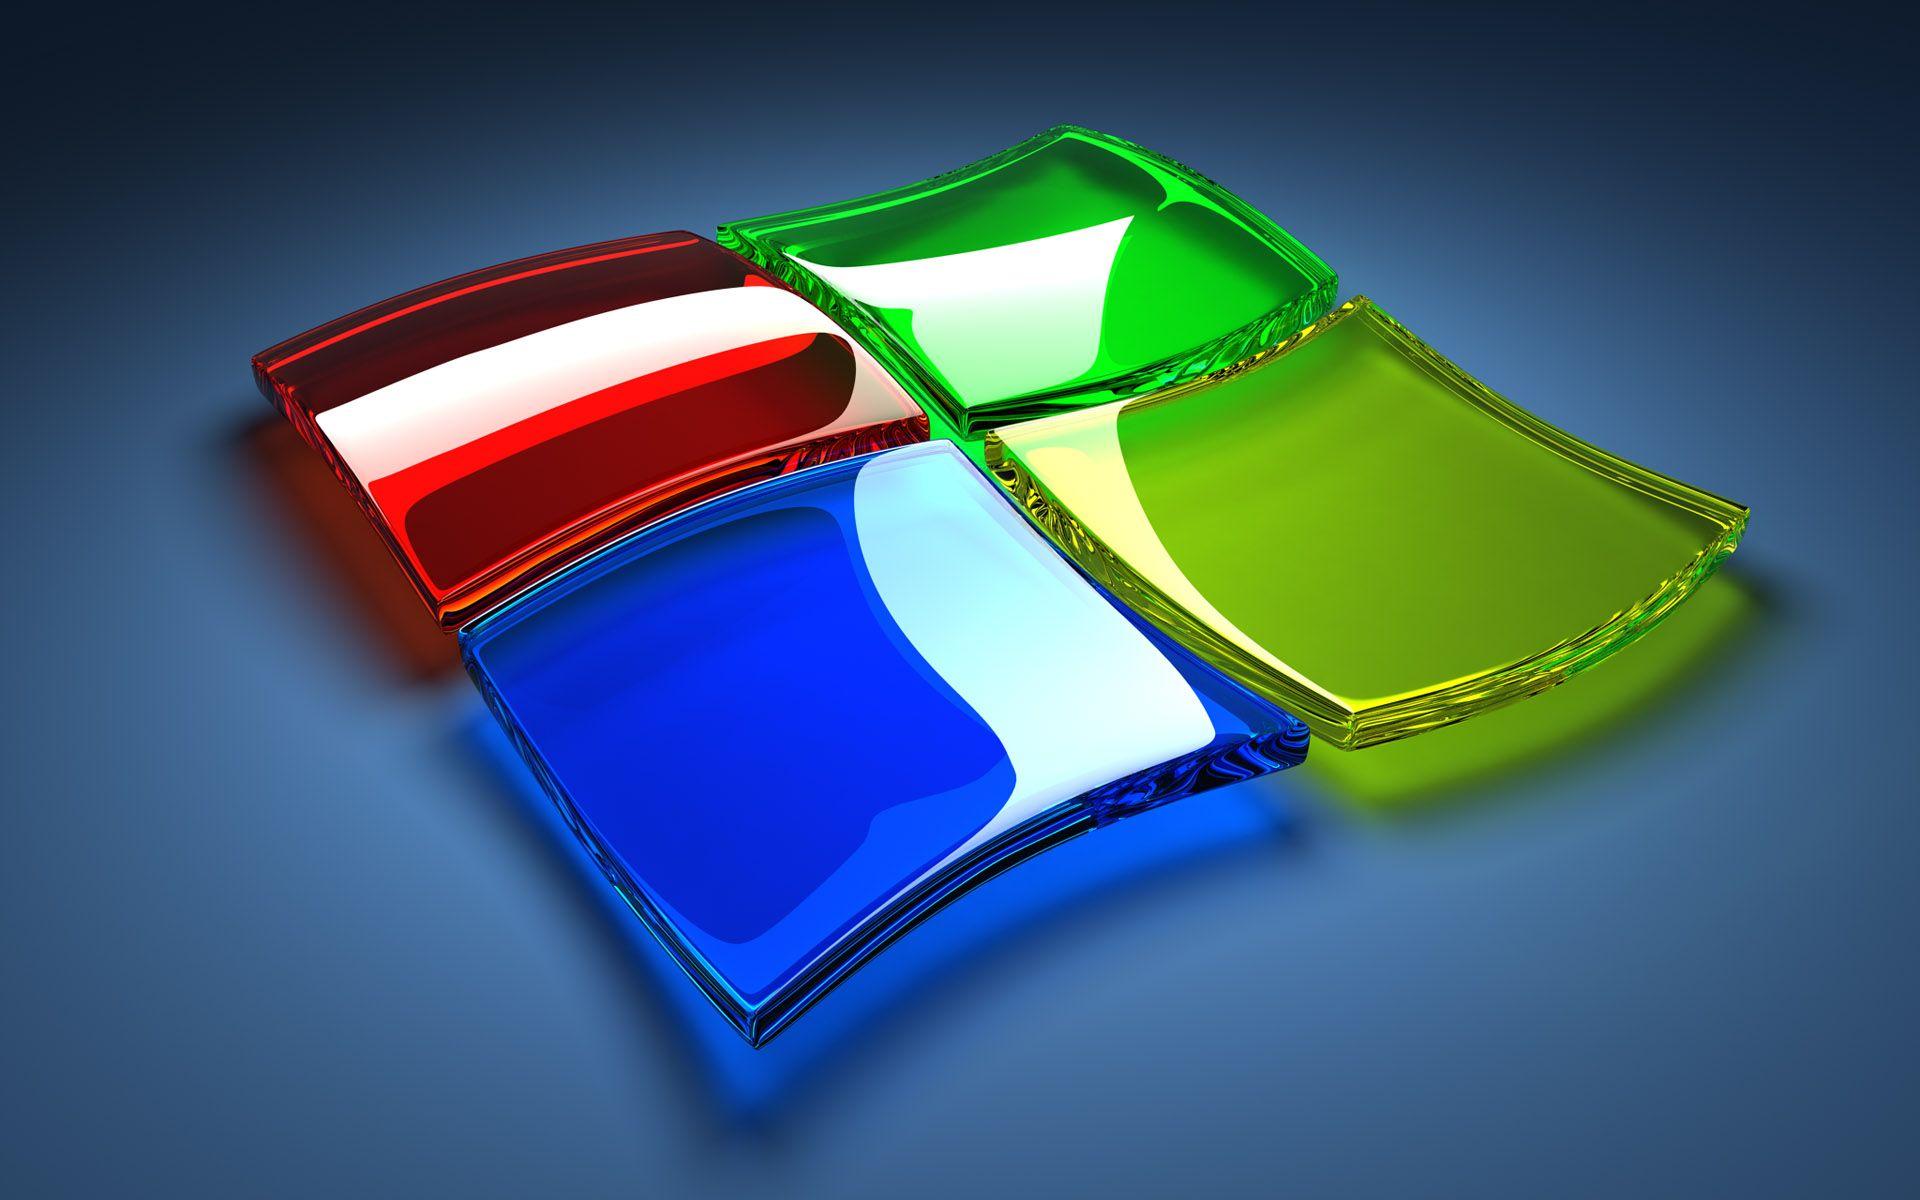 windows 7 3d hd widescreen desktop backgrounds 2400x1800px high